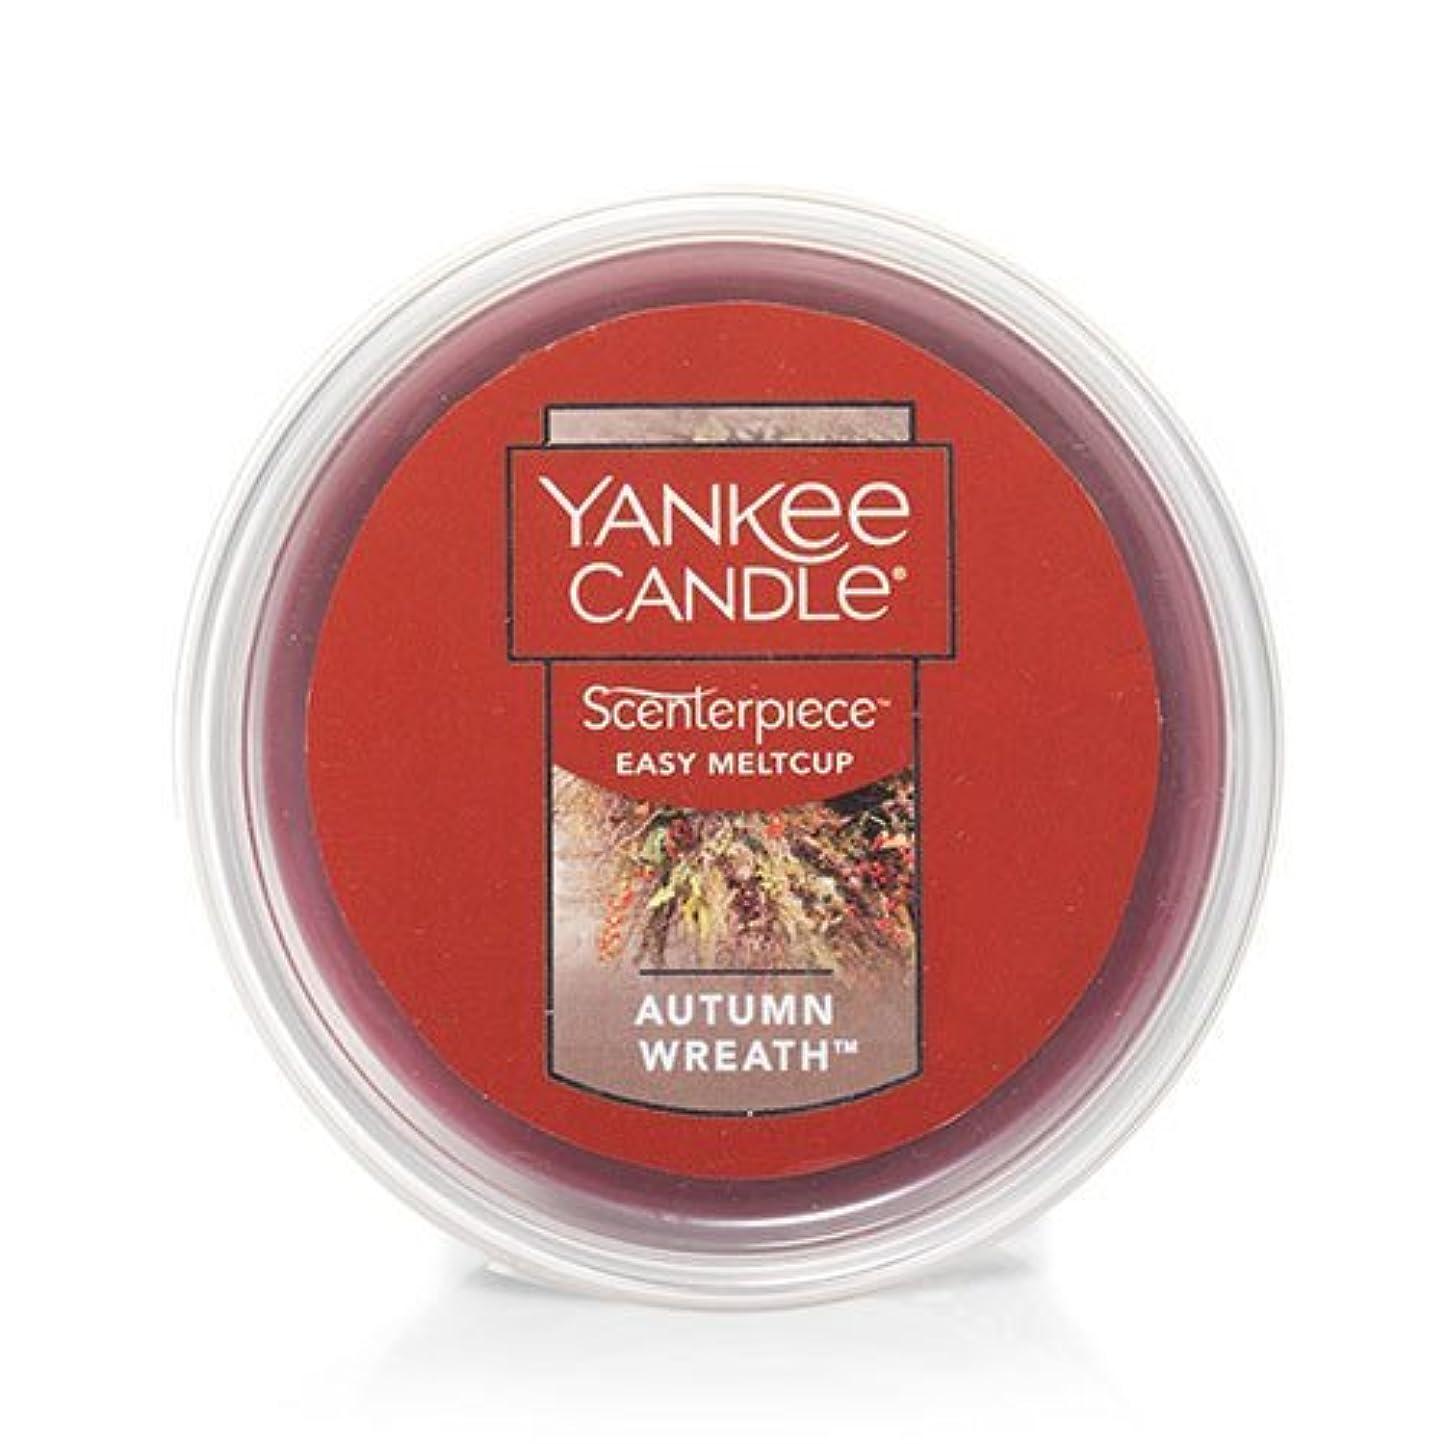 最後のスケジュールタイムリーなYankee Candle Autumn Wreath Scenterpiece Easy MeltCup , Food & Spice香り2.2 Oz